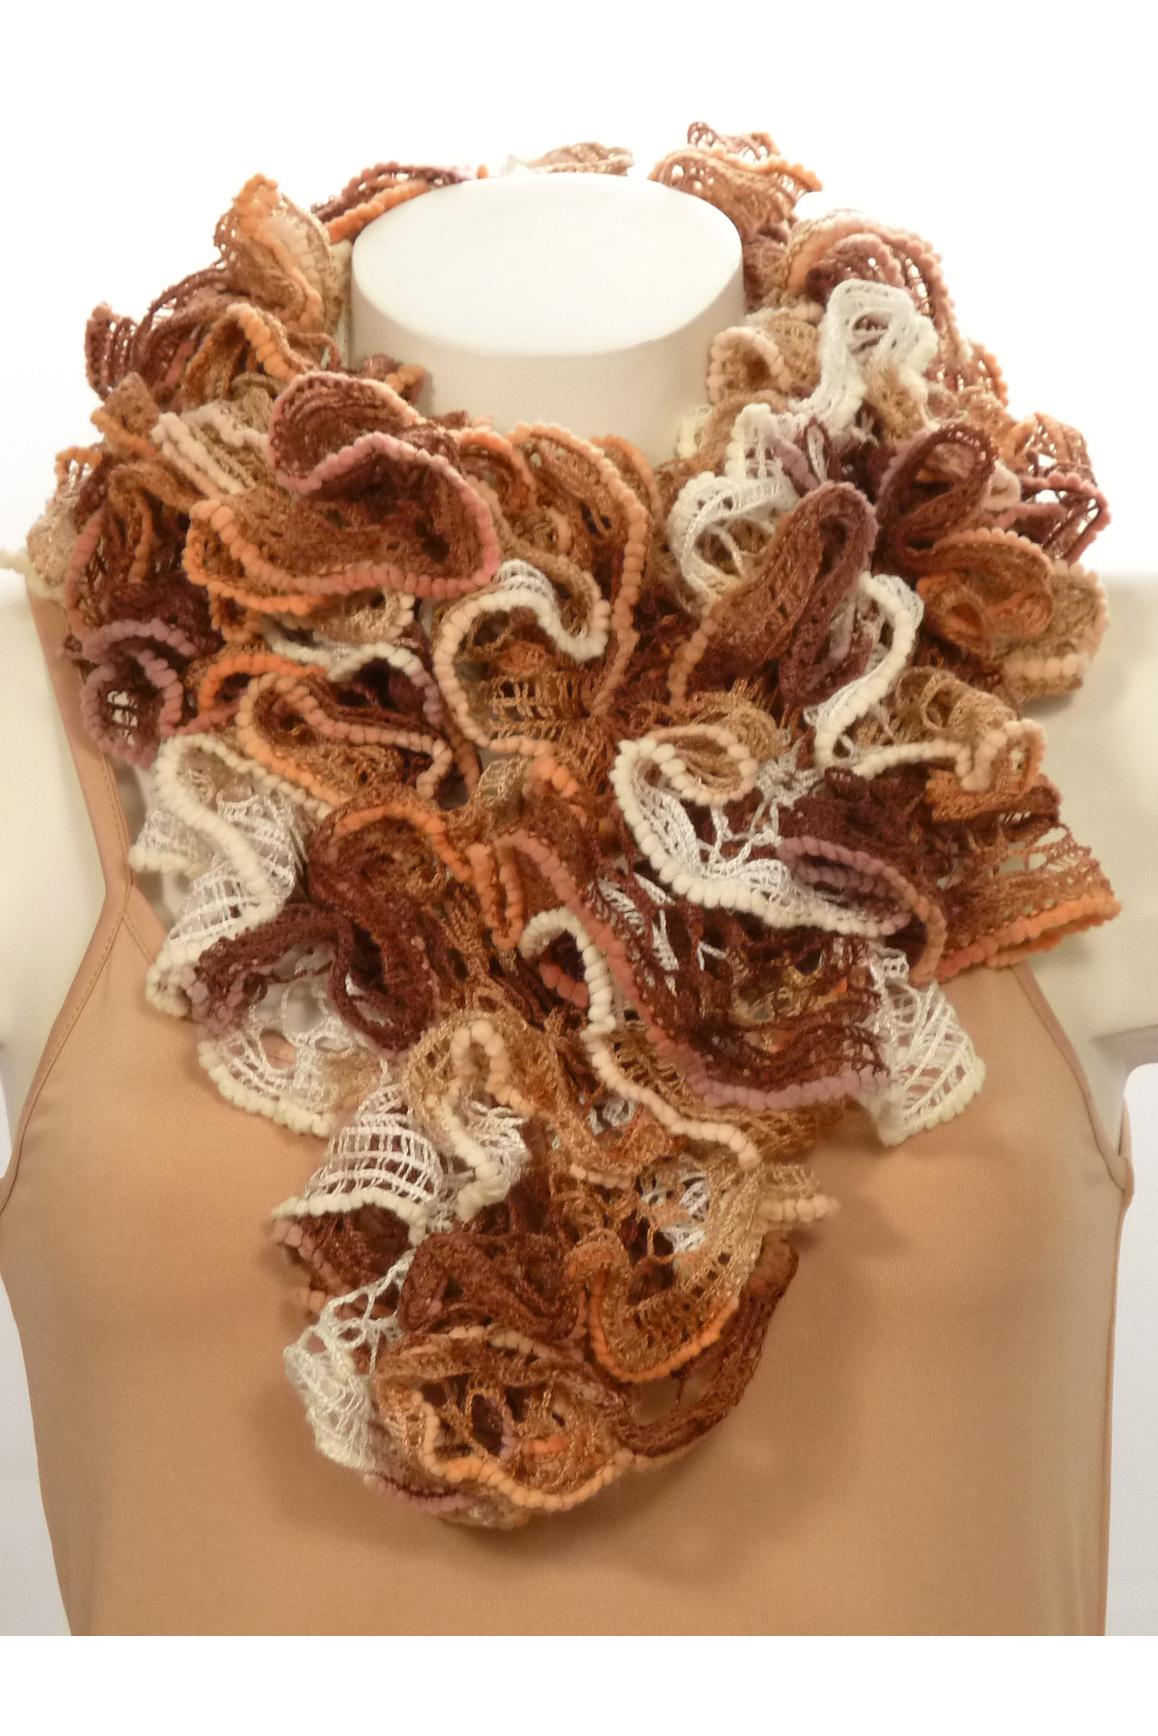 ШарфШарфы<br>Вязанный шарф придаст вашему образу романтичности. Этот удобный длинный кружевной шарф вяжут оригинальным узором,  который позволяет создать эффектные воланы.  Длина шарфа 1,5 метра.  В изделии использованы цвета: бежевый, коричневый<br><br>По сезону: Зима<br>Размер : UNI<br>Материал: Вязаное полотно<br>Количество в наличии: 3